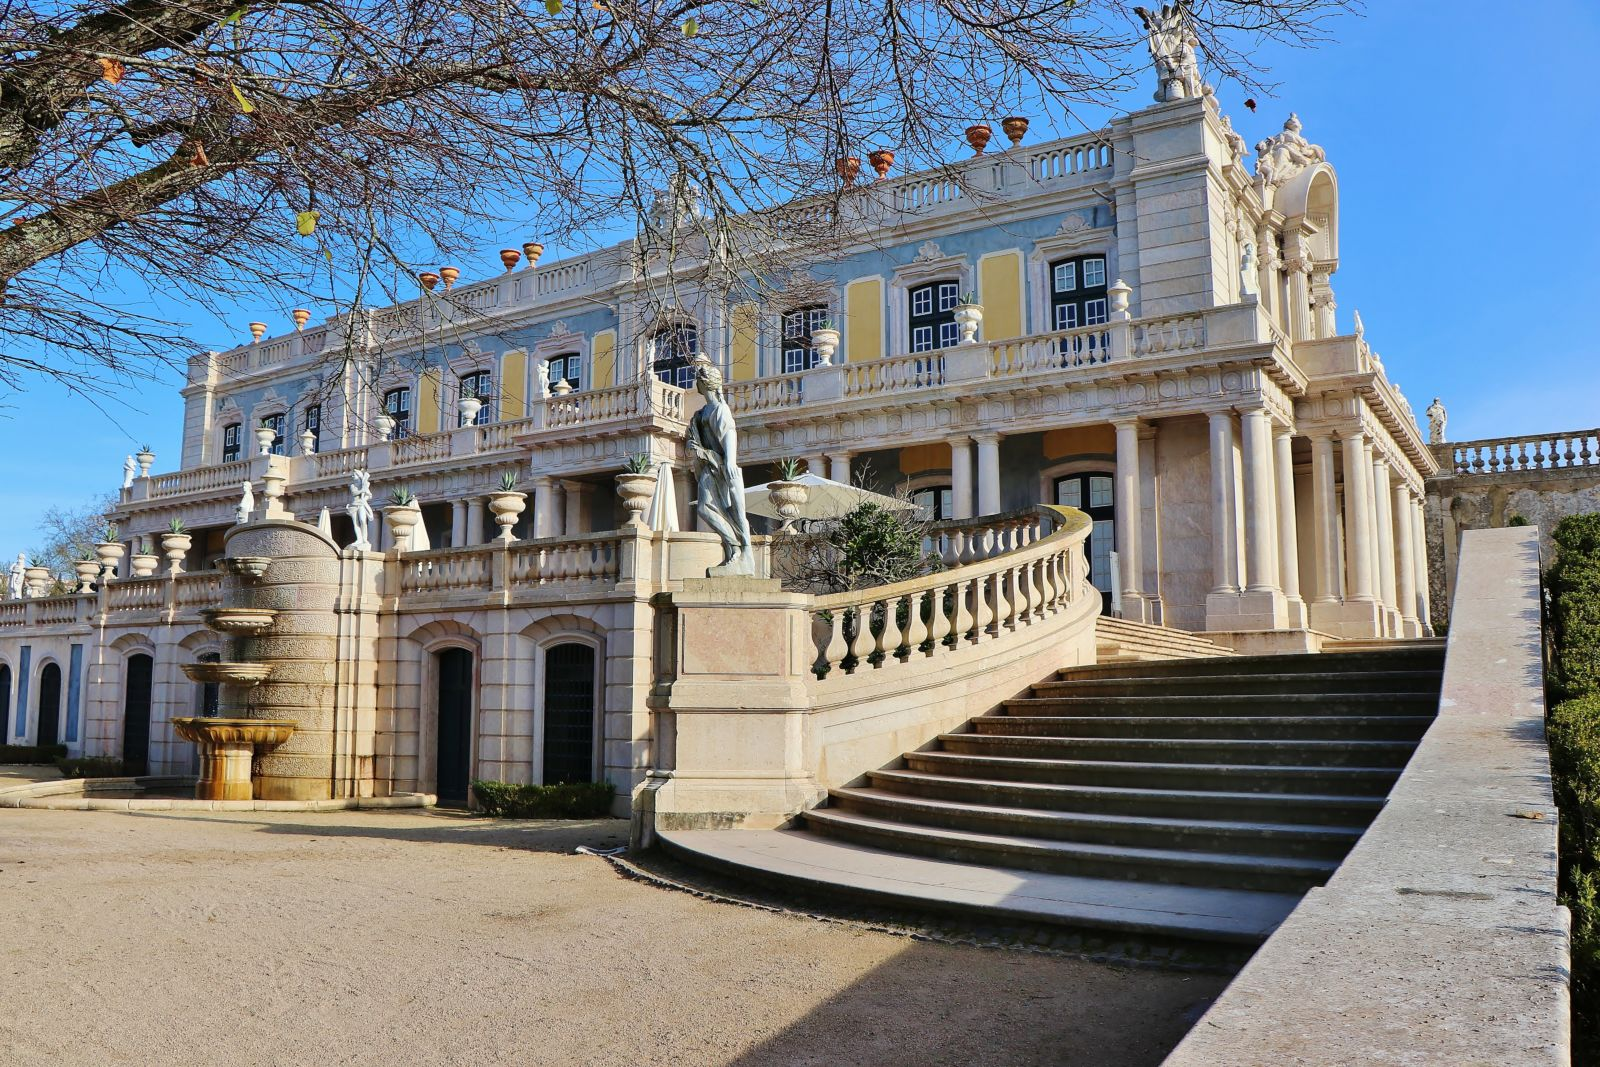 Lisbon's Forgotten Historical Palaces Tour